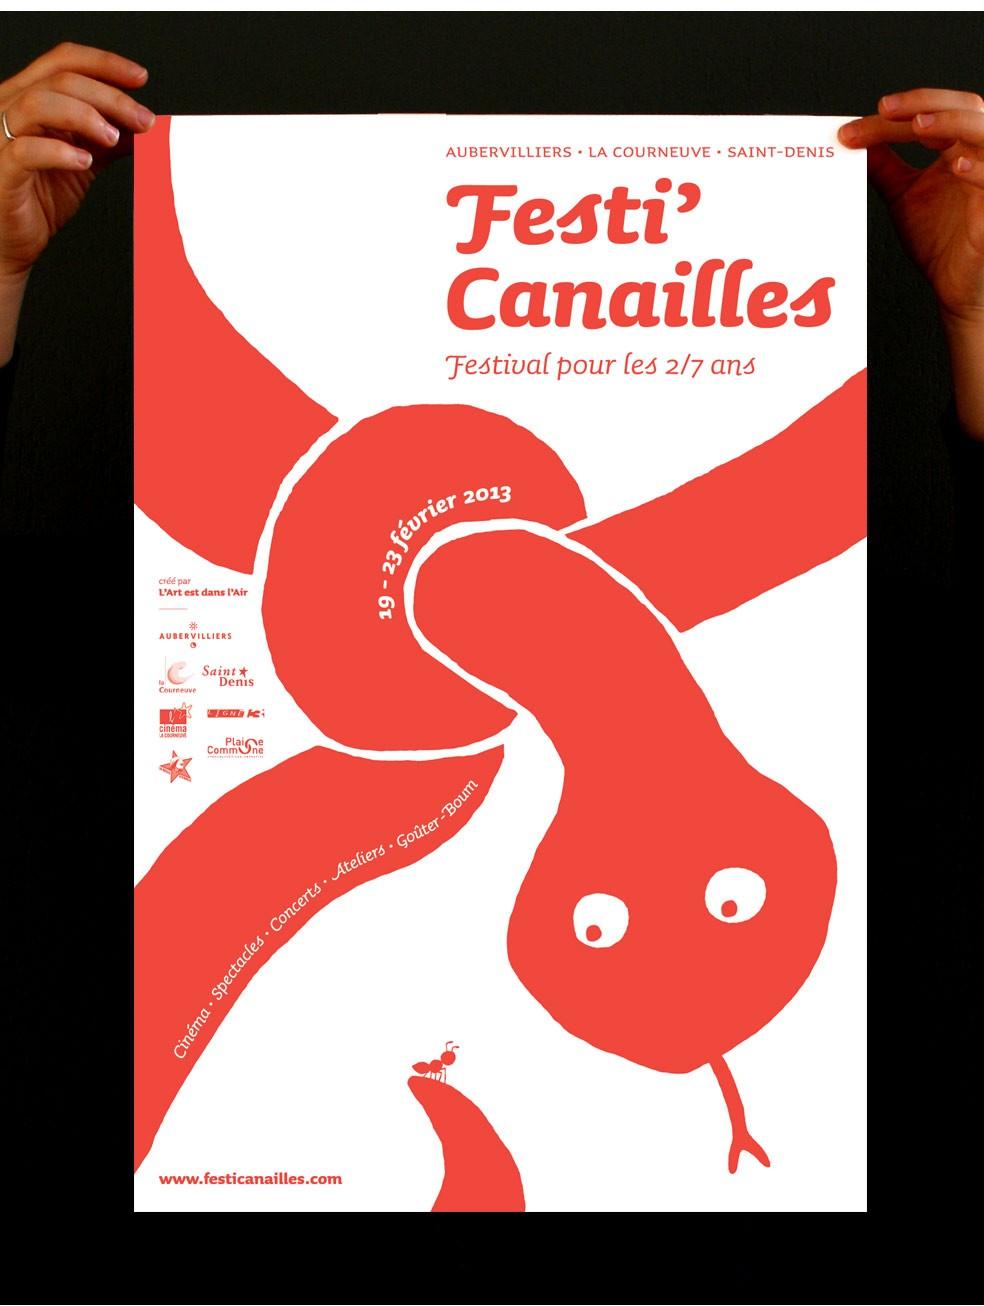 festi-canailles_2012-2014_04-baf299db52275db8ffdbcf2f668fd591